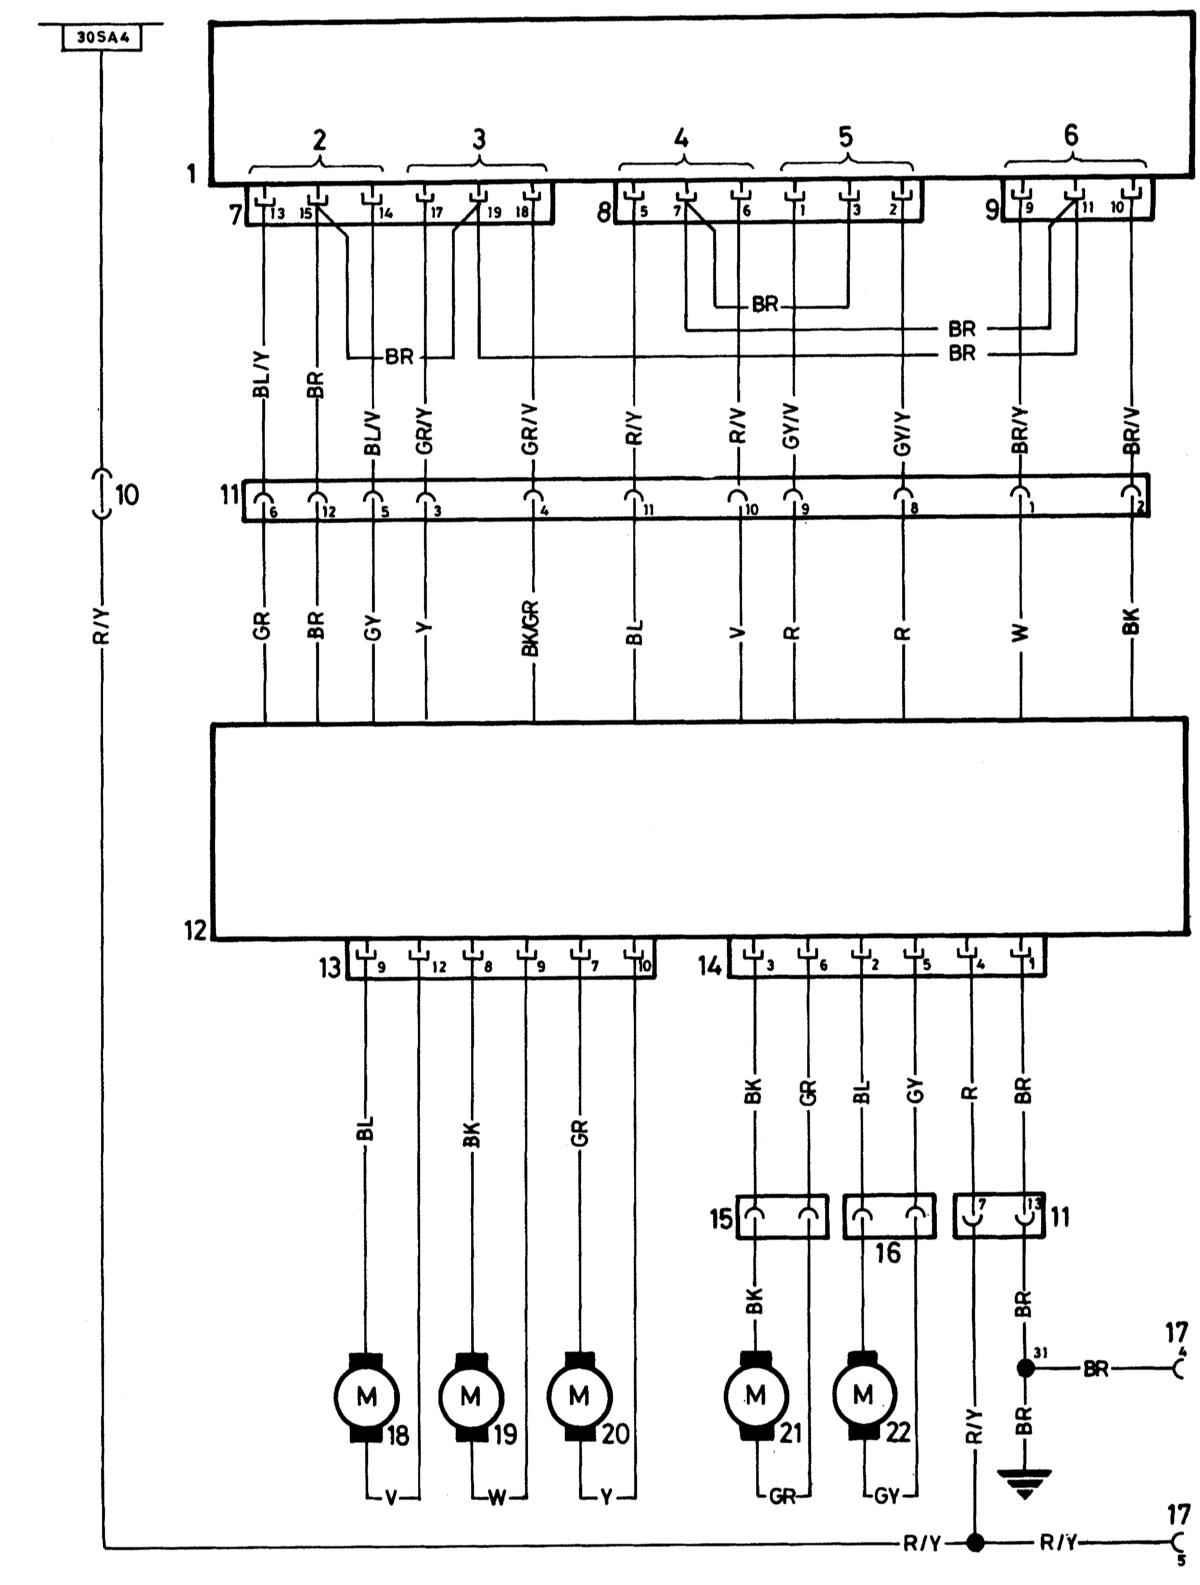 6 - Заднее сиденье вверх/вниз.  1 - Штекерное соединение для подключения специального оборудования.